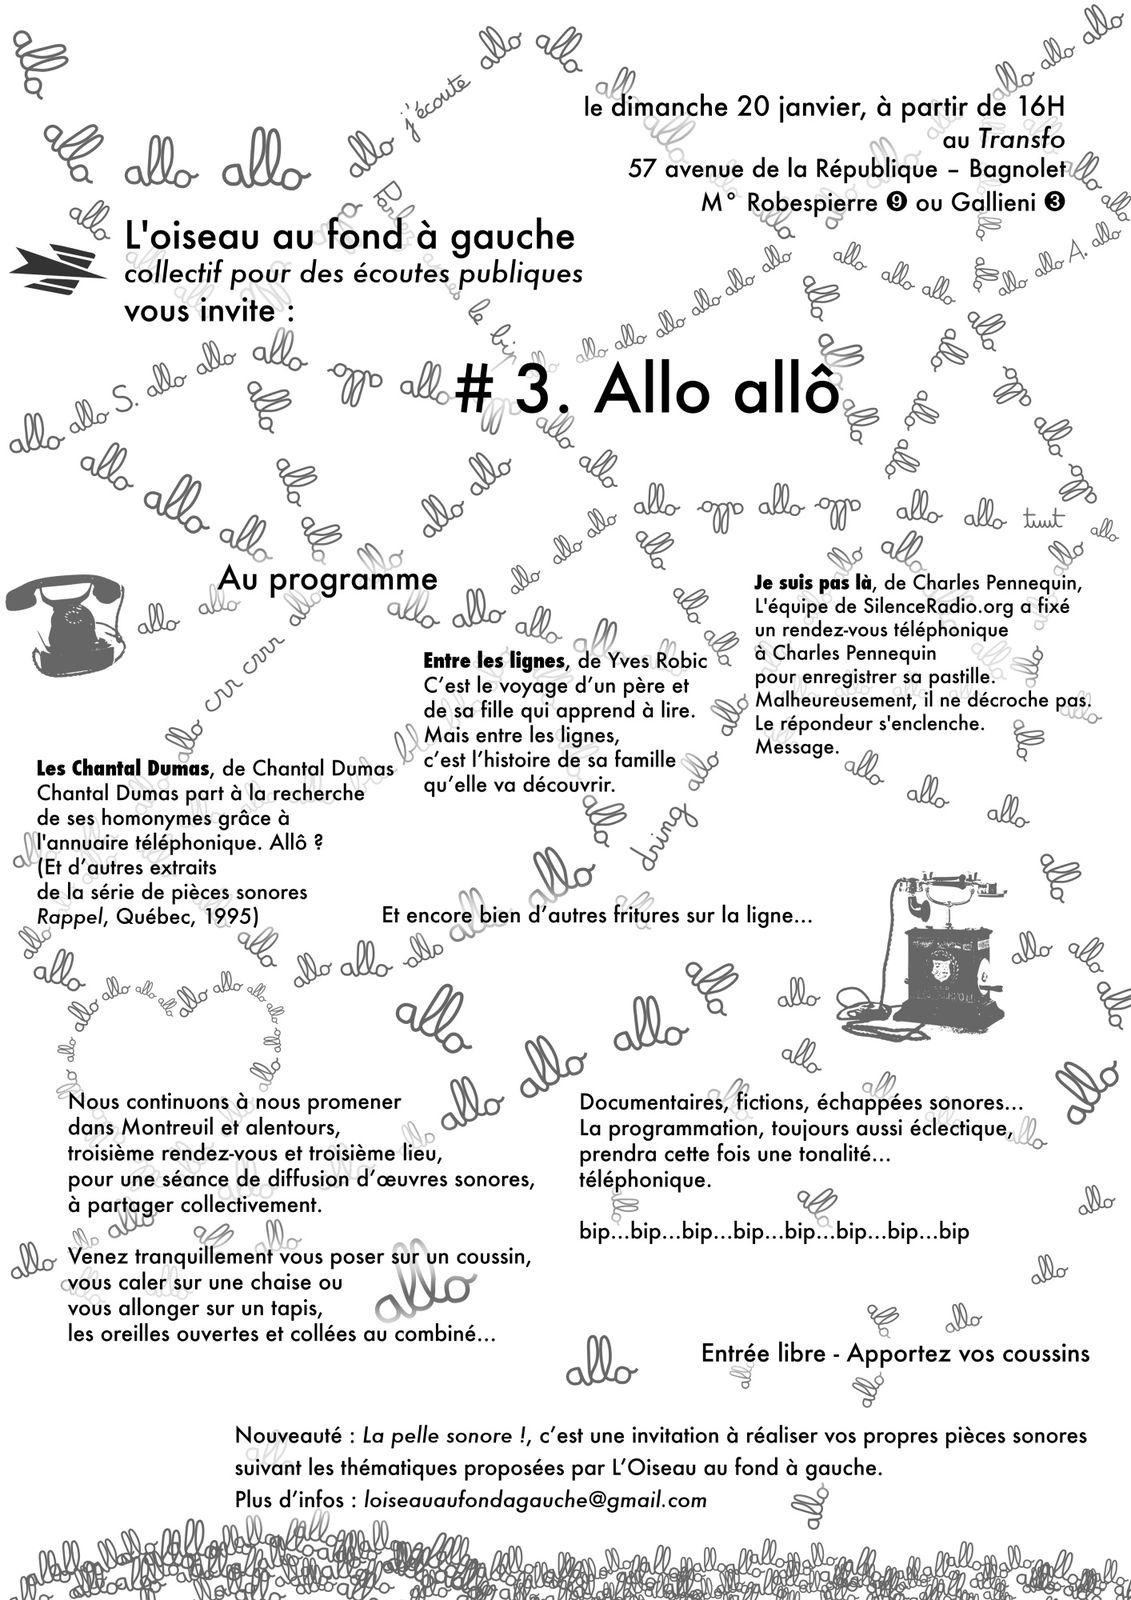 Affiche séance d'écoute du 20 janvier 2013